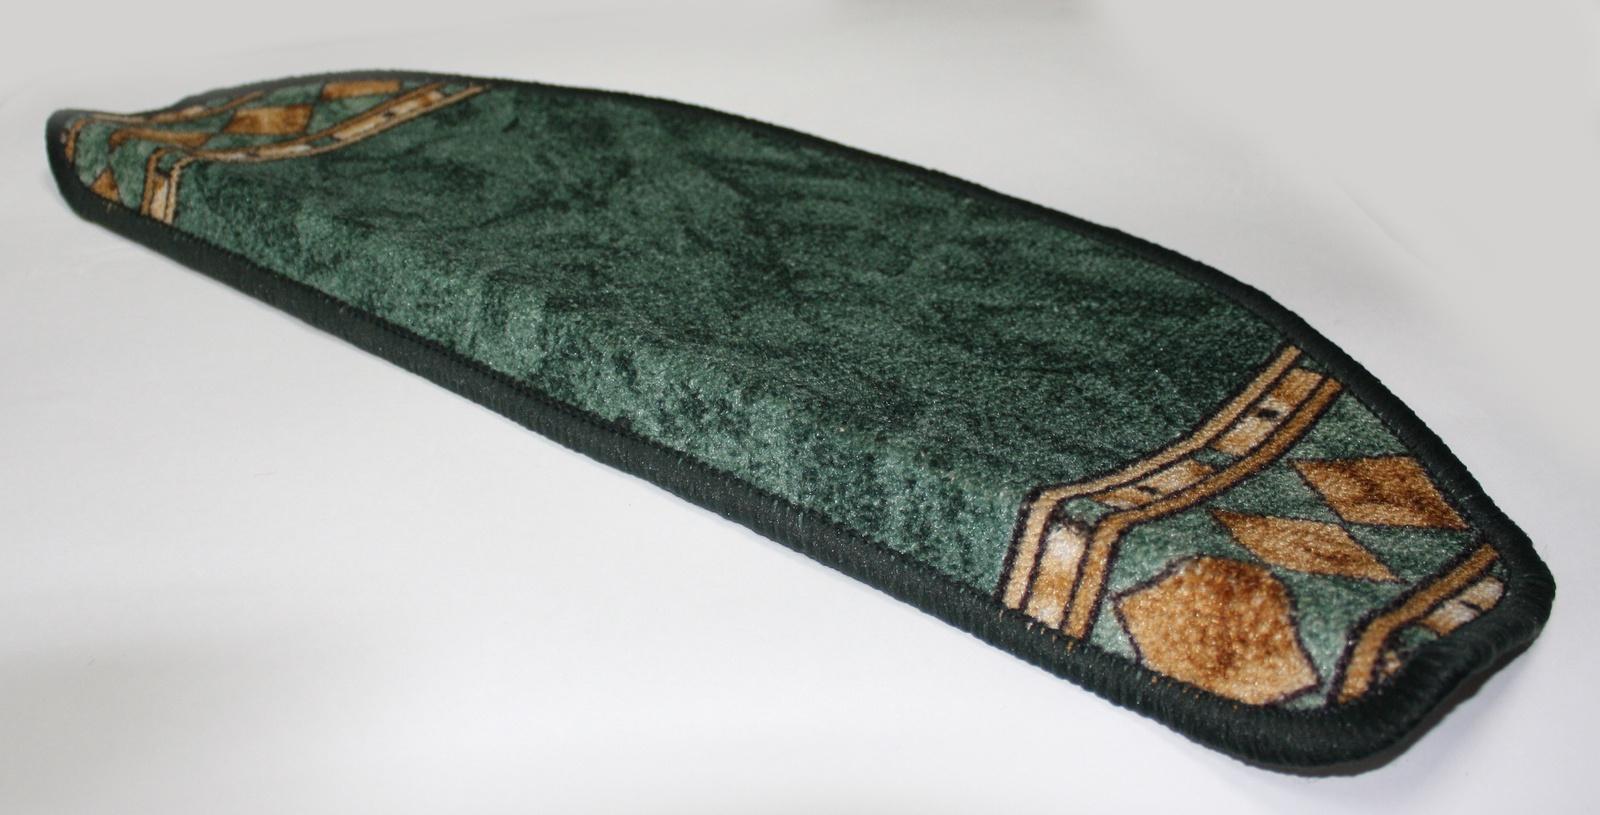 Защитный коврик Велий Хеопс 22, зеленый защитный коврик велий хеопс 22 зеленый